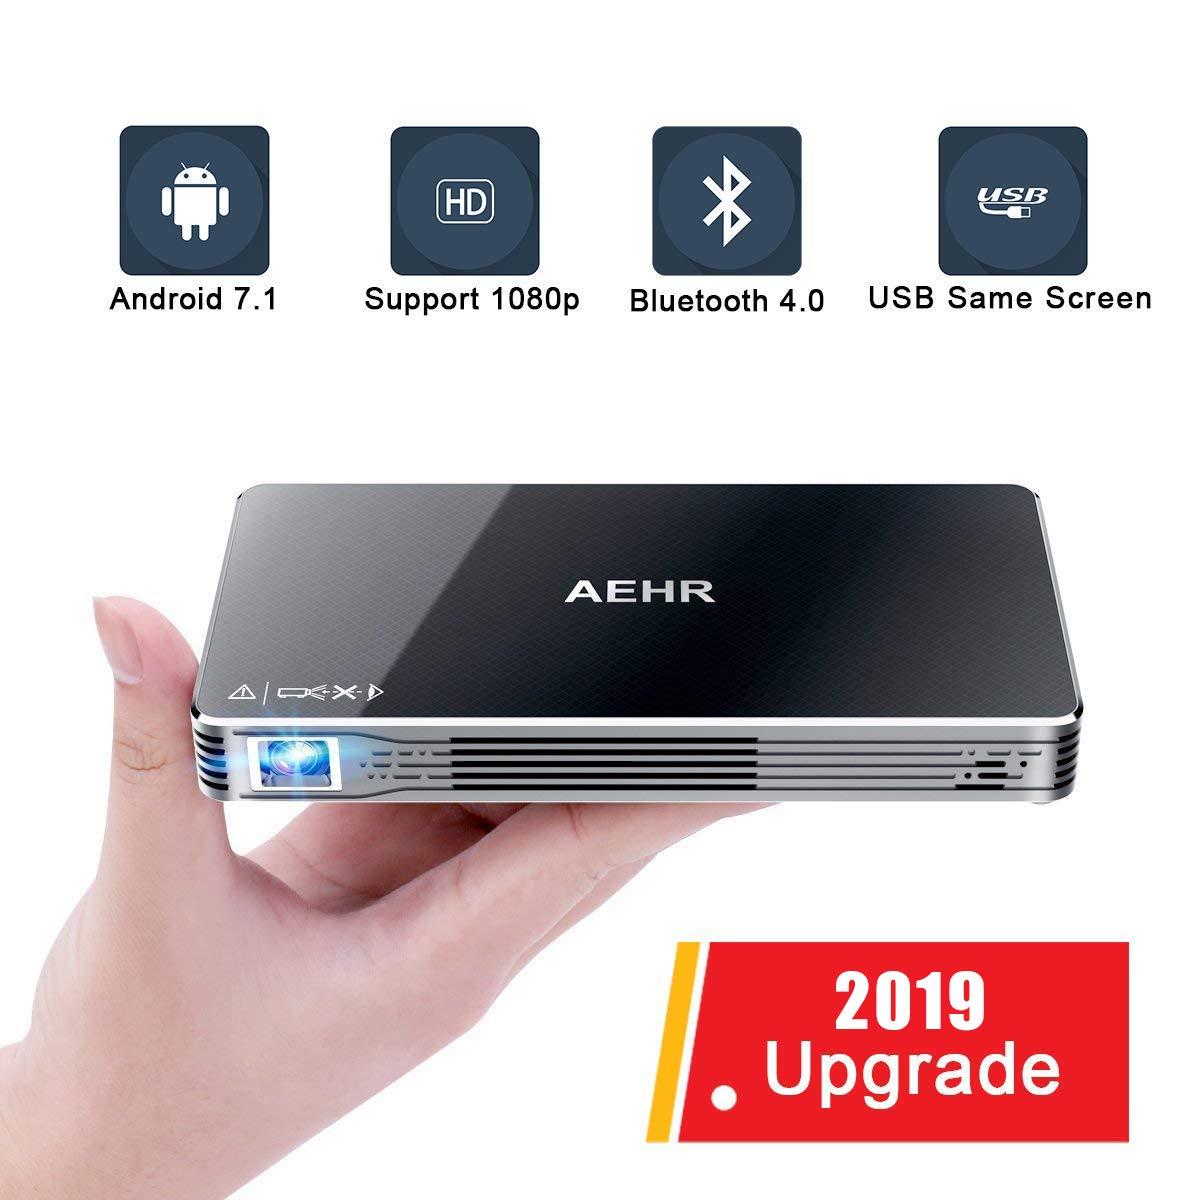 プロジェクター、ミニプロジェクター、ポータブルビデオプロジェクター Bluetooth Android 7.1付き スマートフォン用 Wi-Fi、HD 1080P 120インチ ホームシアターピコプロジェクター、有線およびワイヤレス対応 同じ画面 B07FZXNZW8